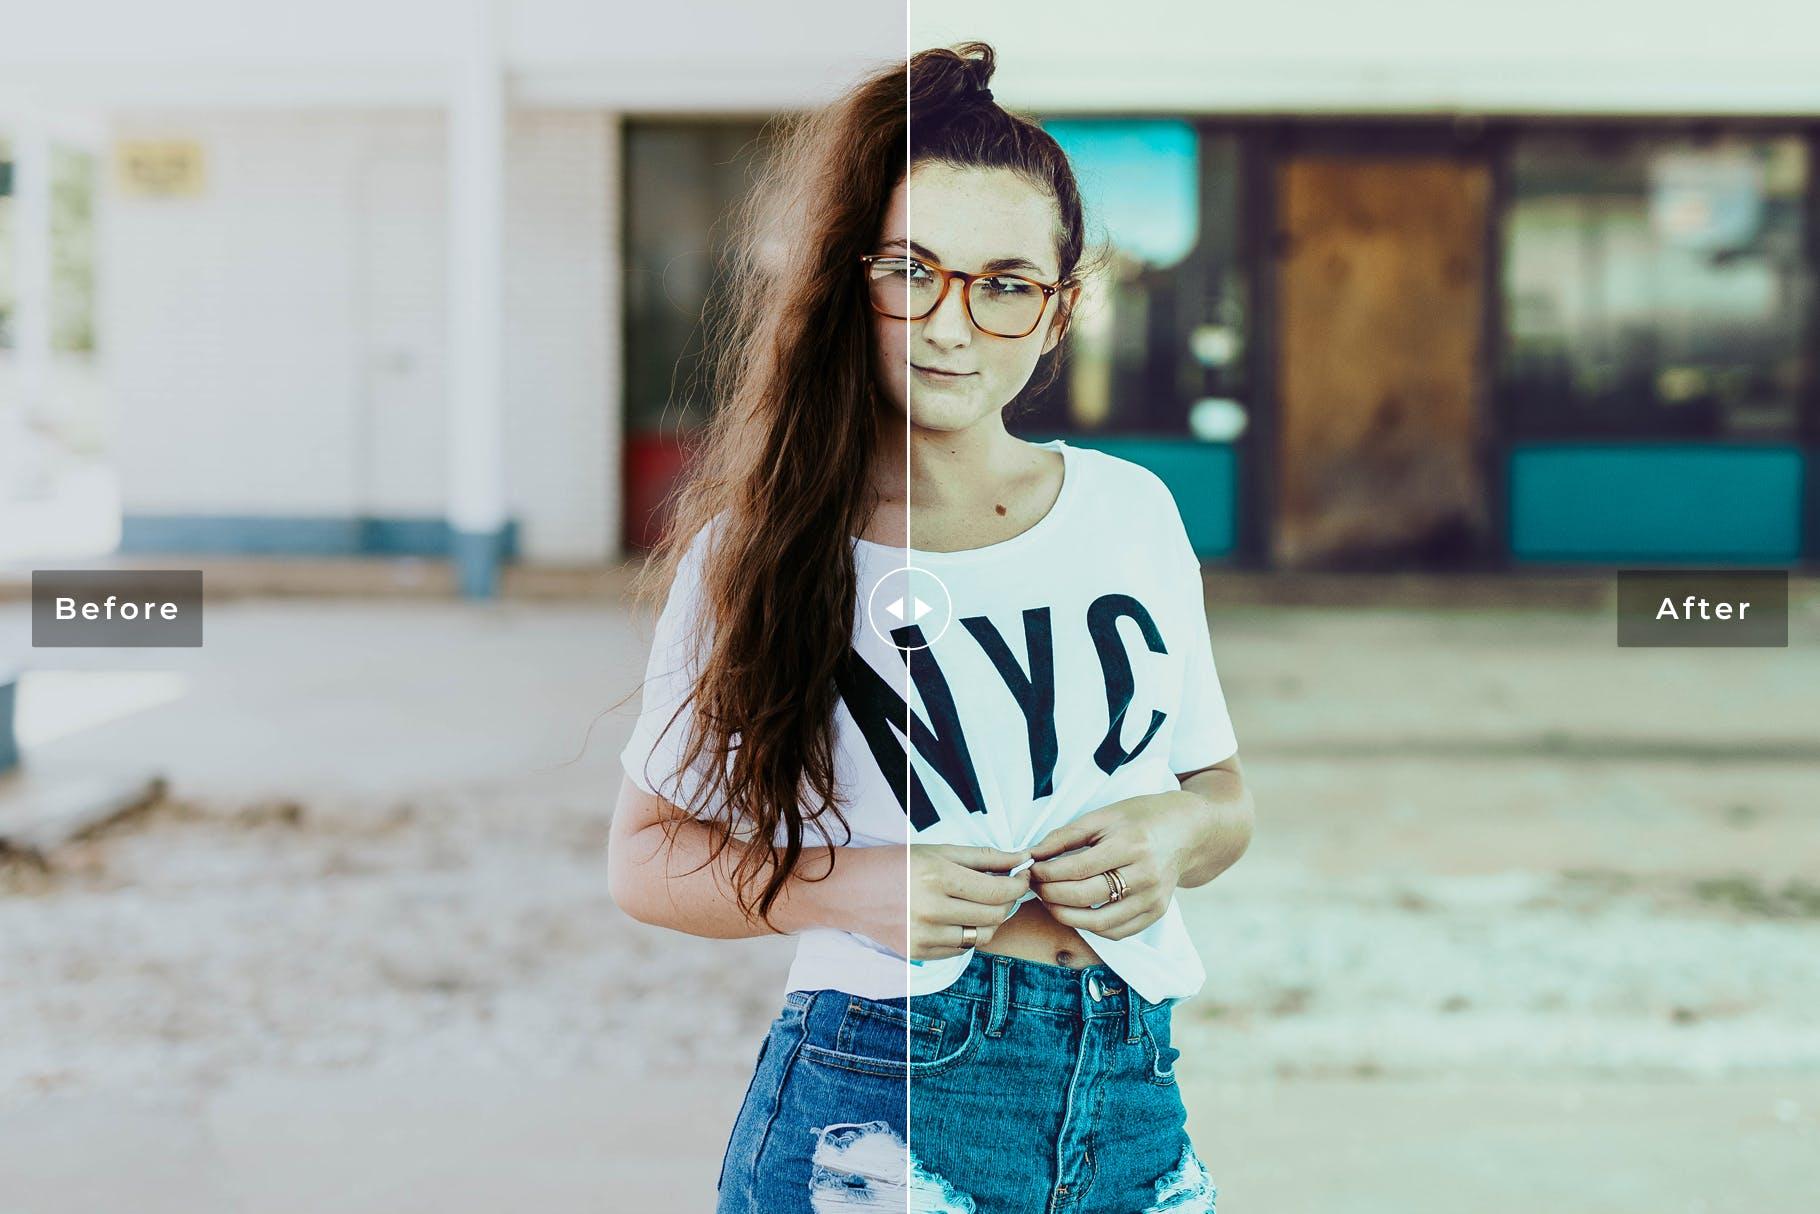 复古系列摄影肖像摄影后期调色滤镜LR预设Recreate Hipster Pro Lightroom Presets插图(4)